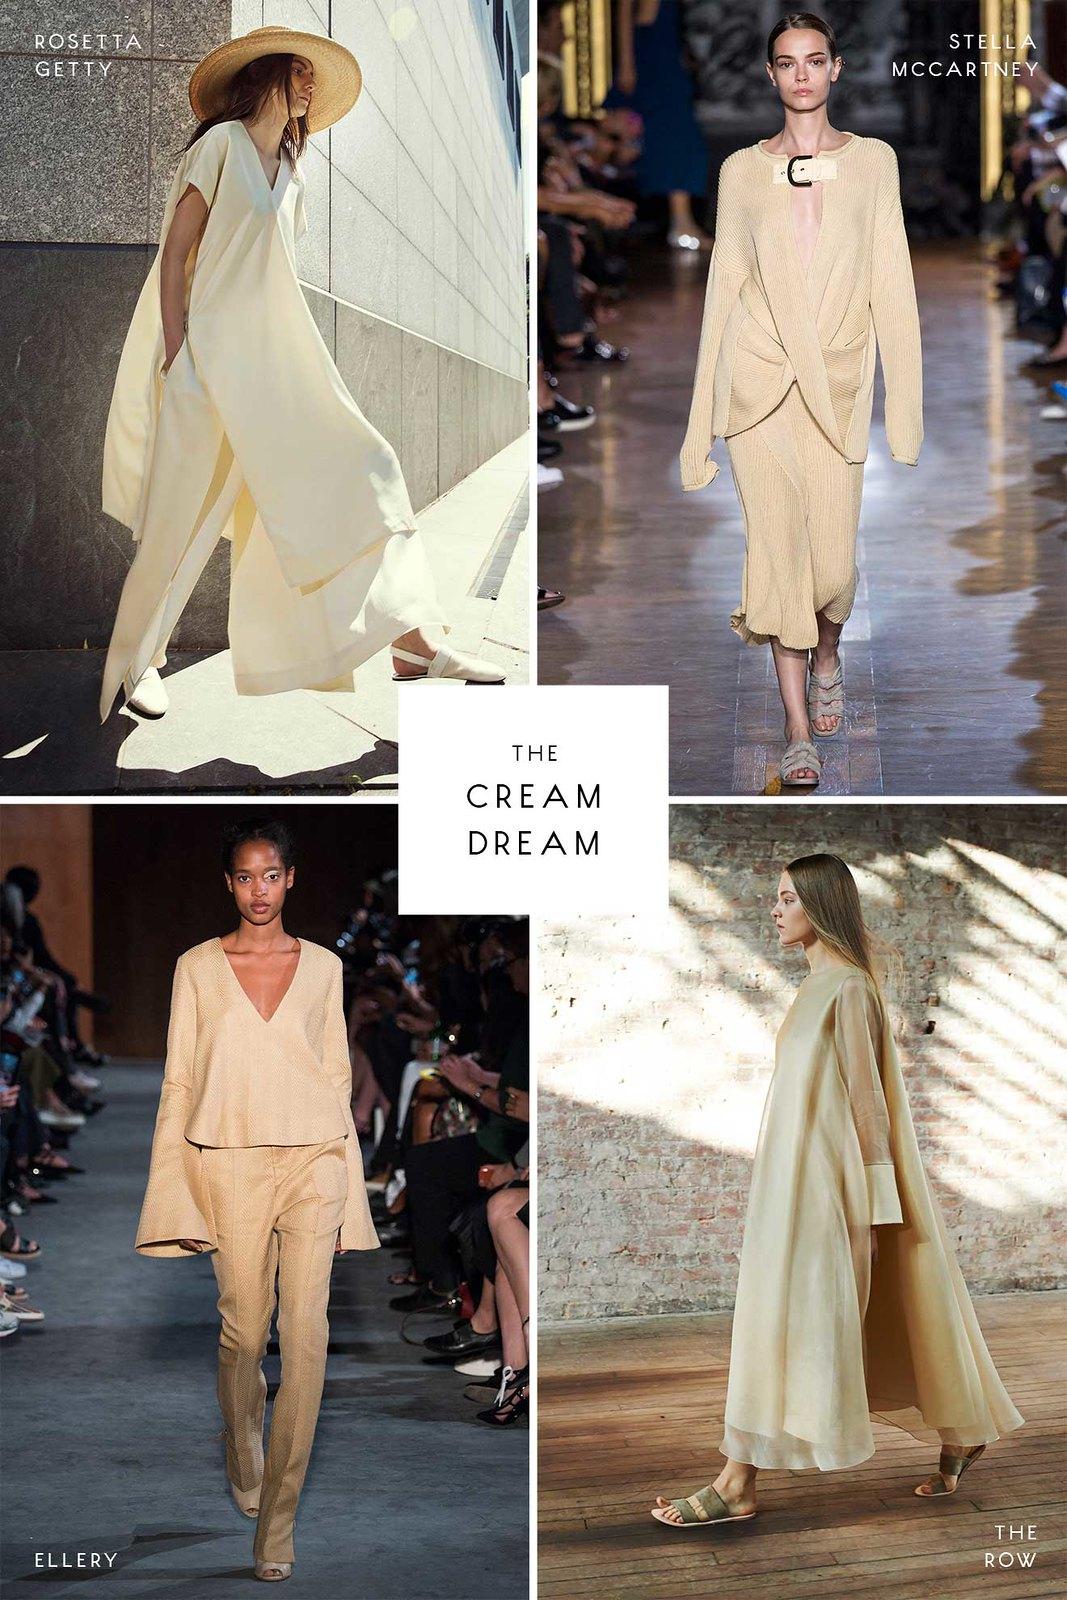 miss-moss-ss15-cream-dream